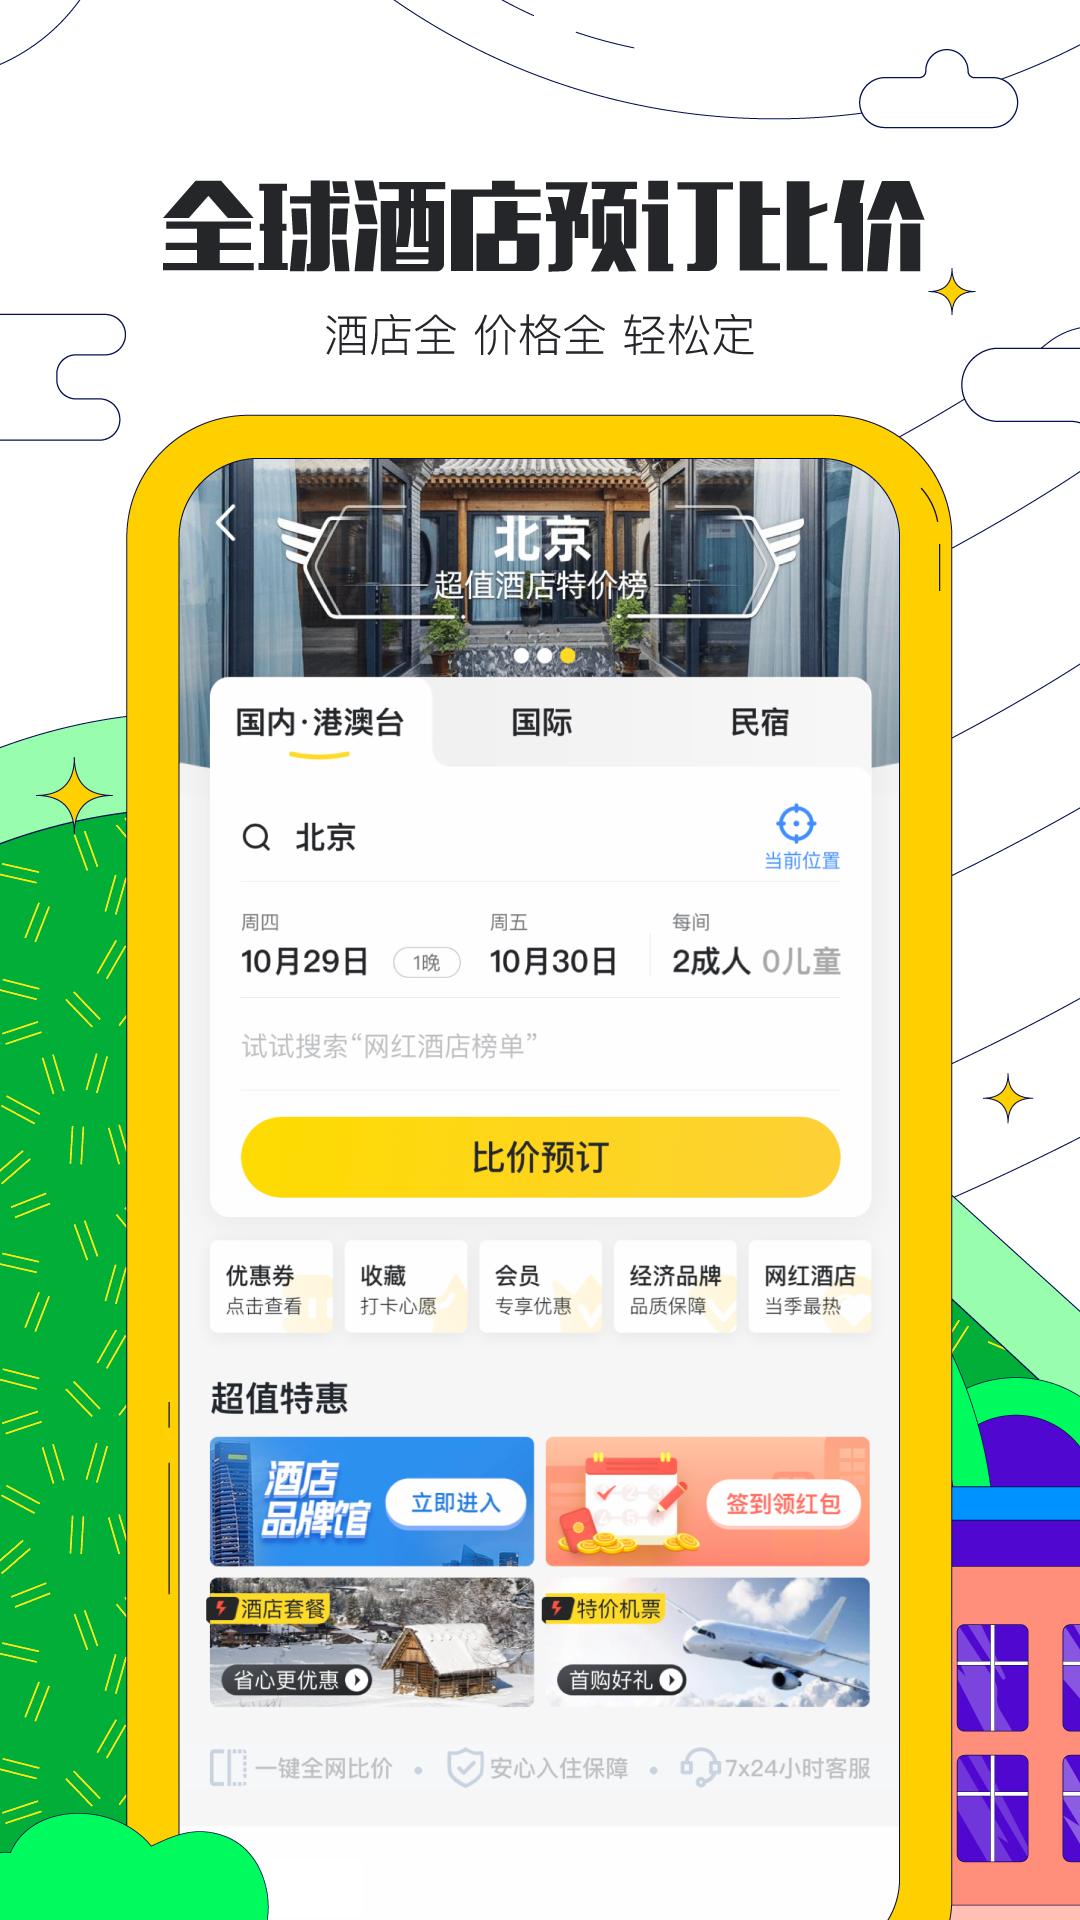 马蜂窝旅游appv10.4.3 安卓版